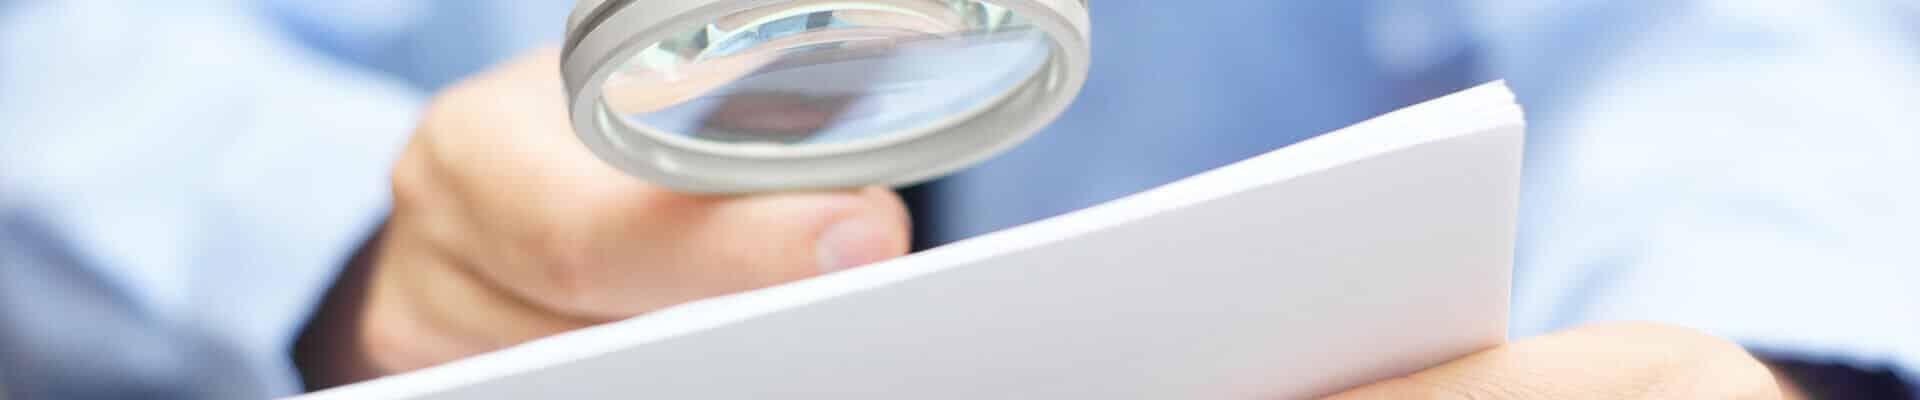 Verträge müssen regelmäßig geprüft werden. Vertragswartung von RVR Rechtsanwälte.